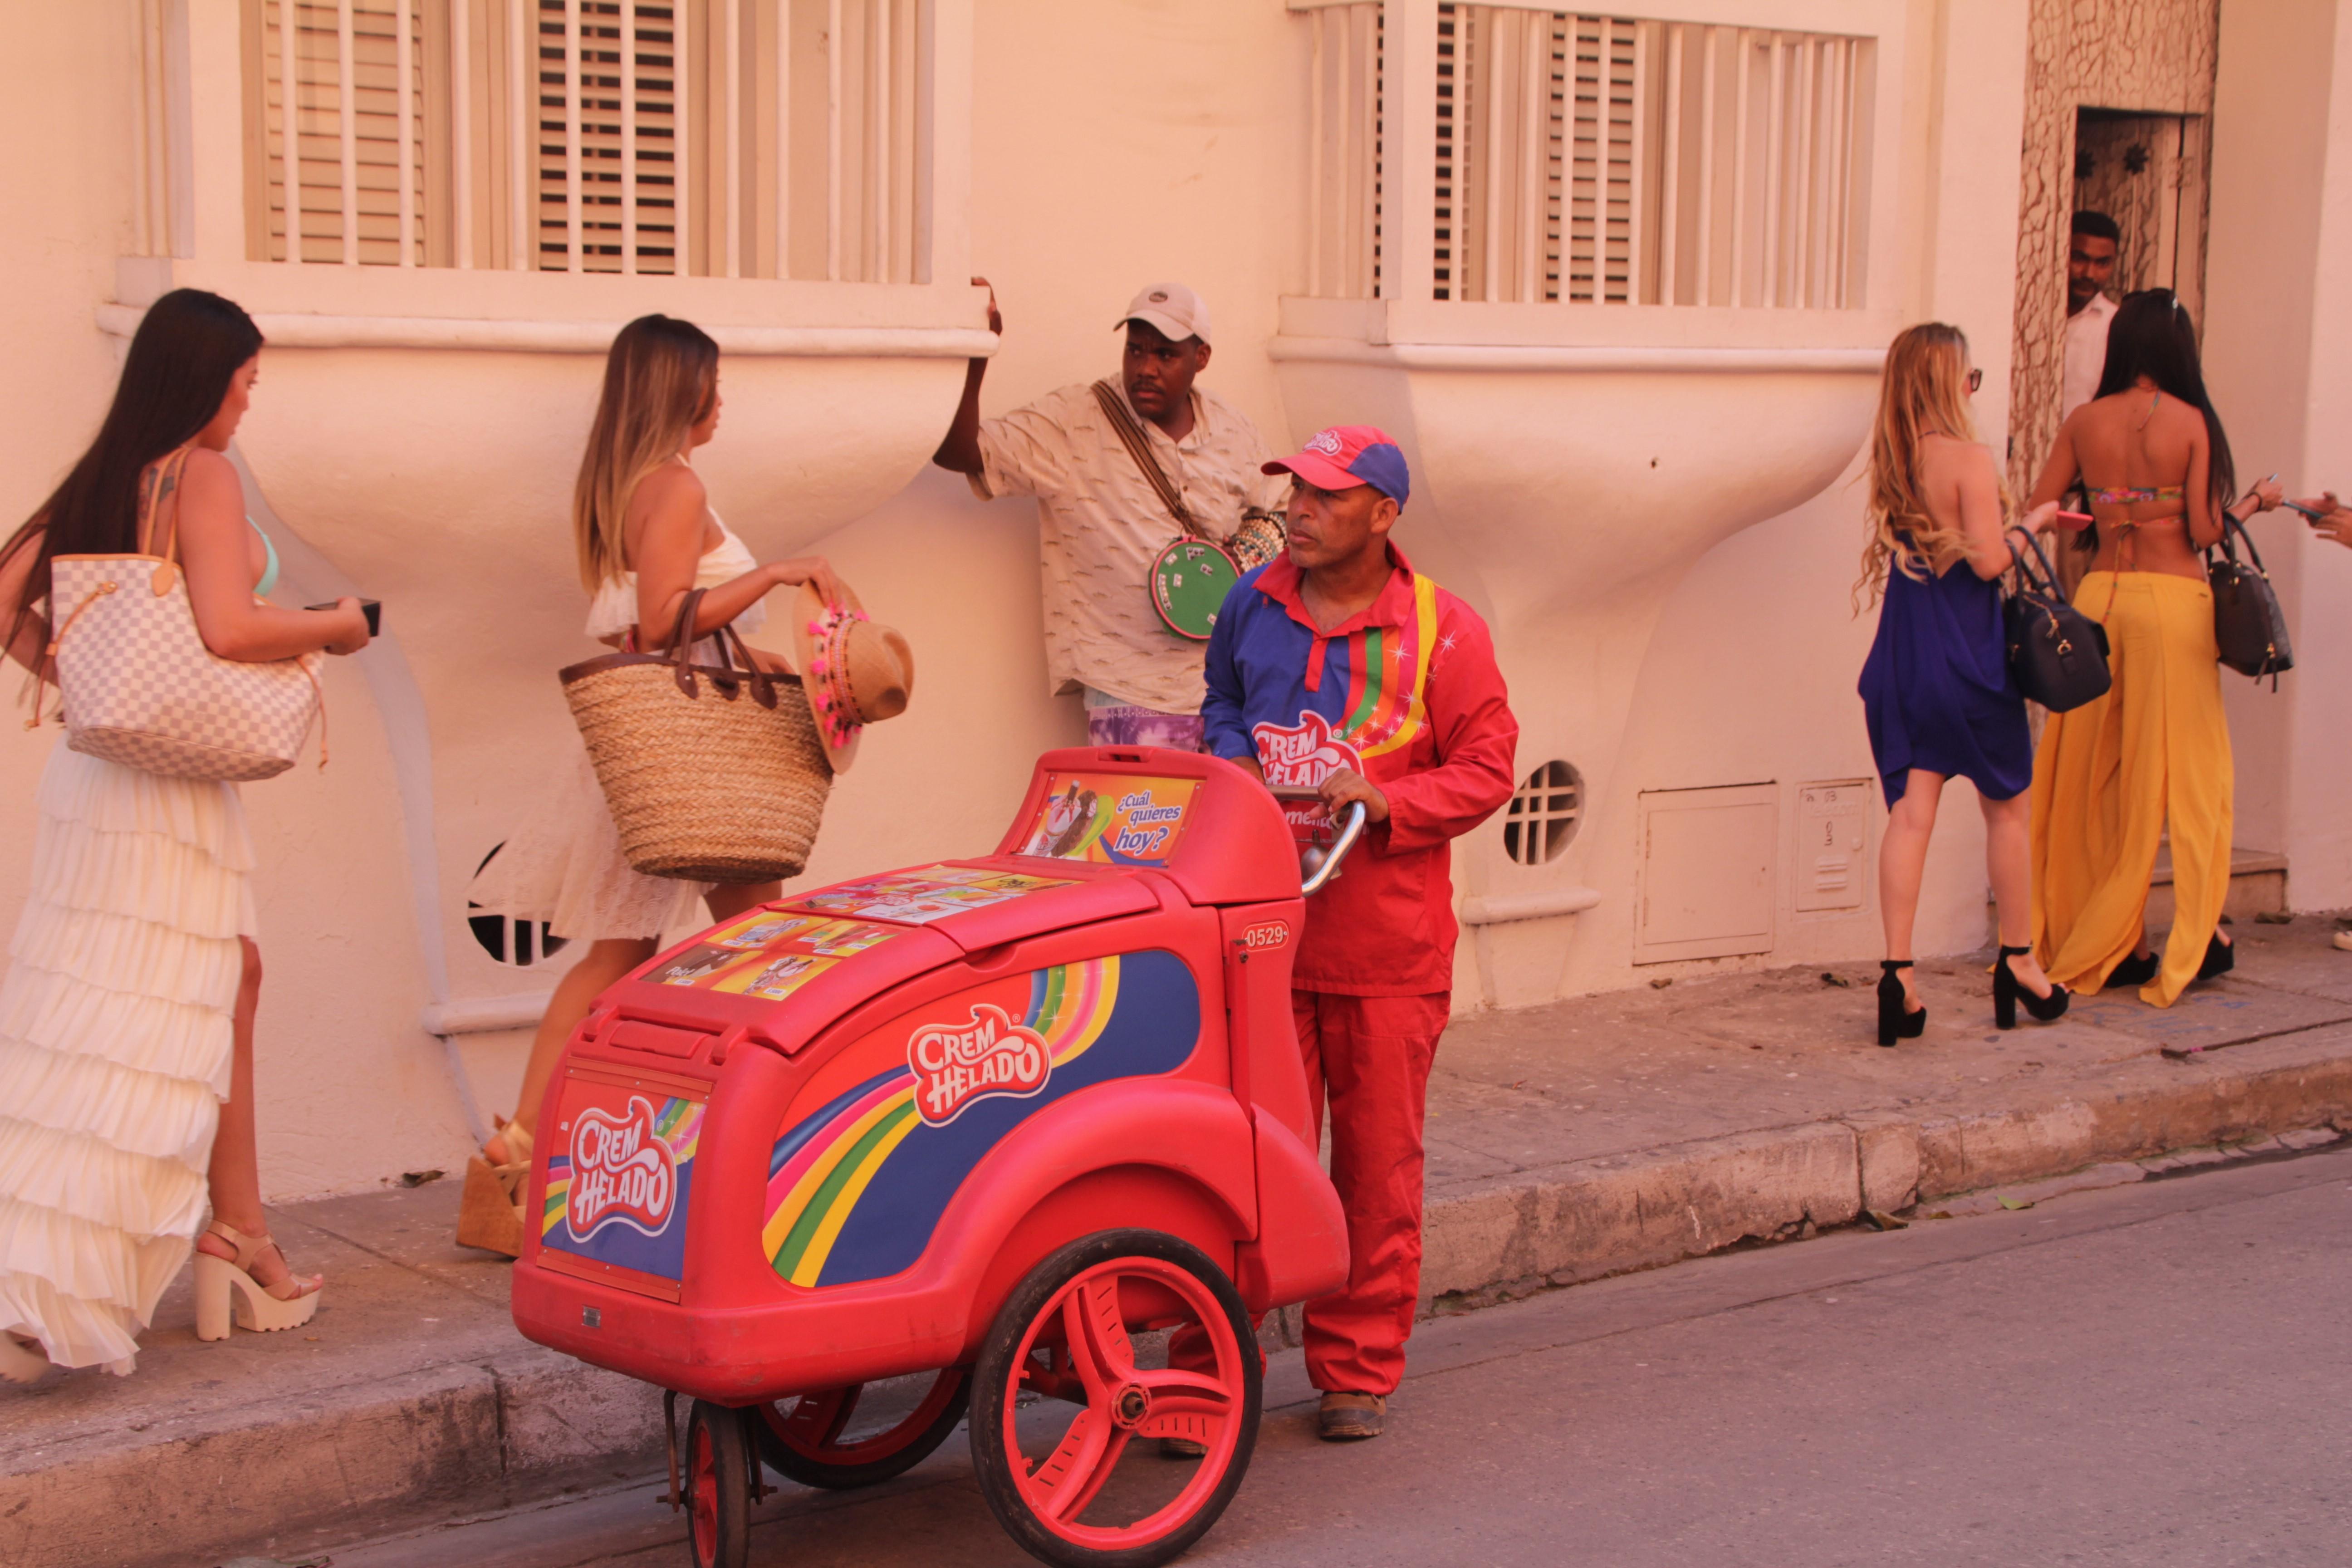 Ces danseuses de cabaret perturbent les vendeurs (© Jérôme Decoster).